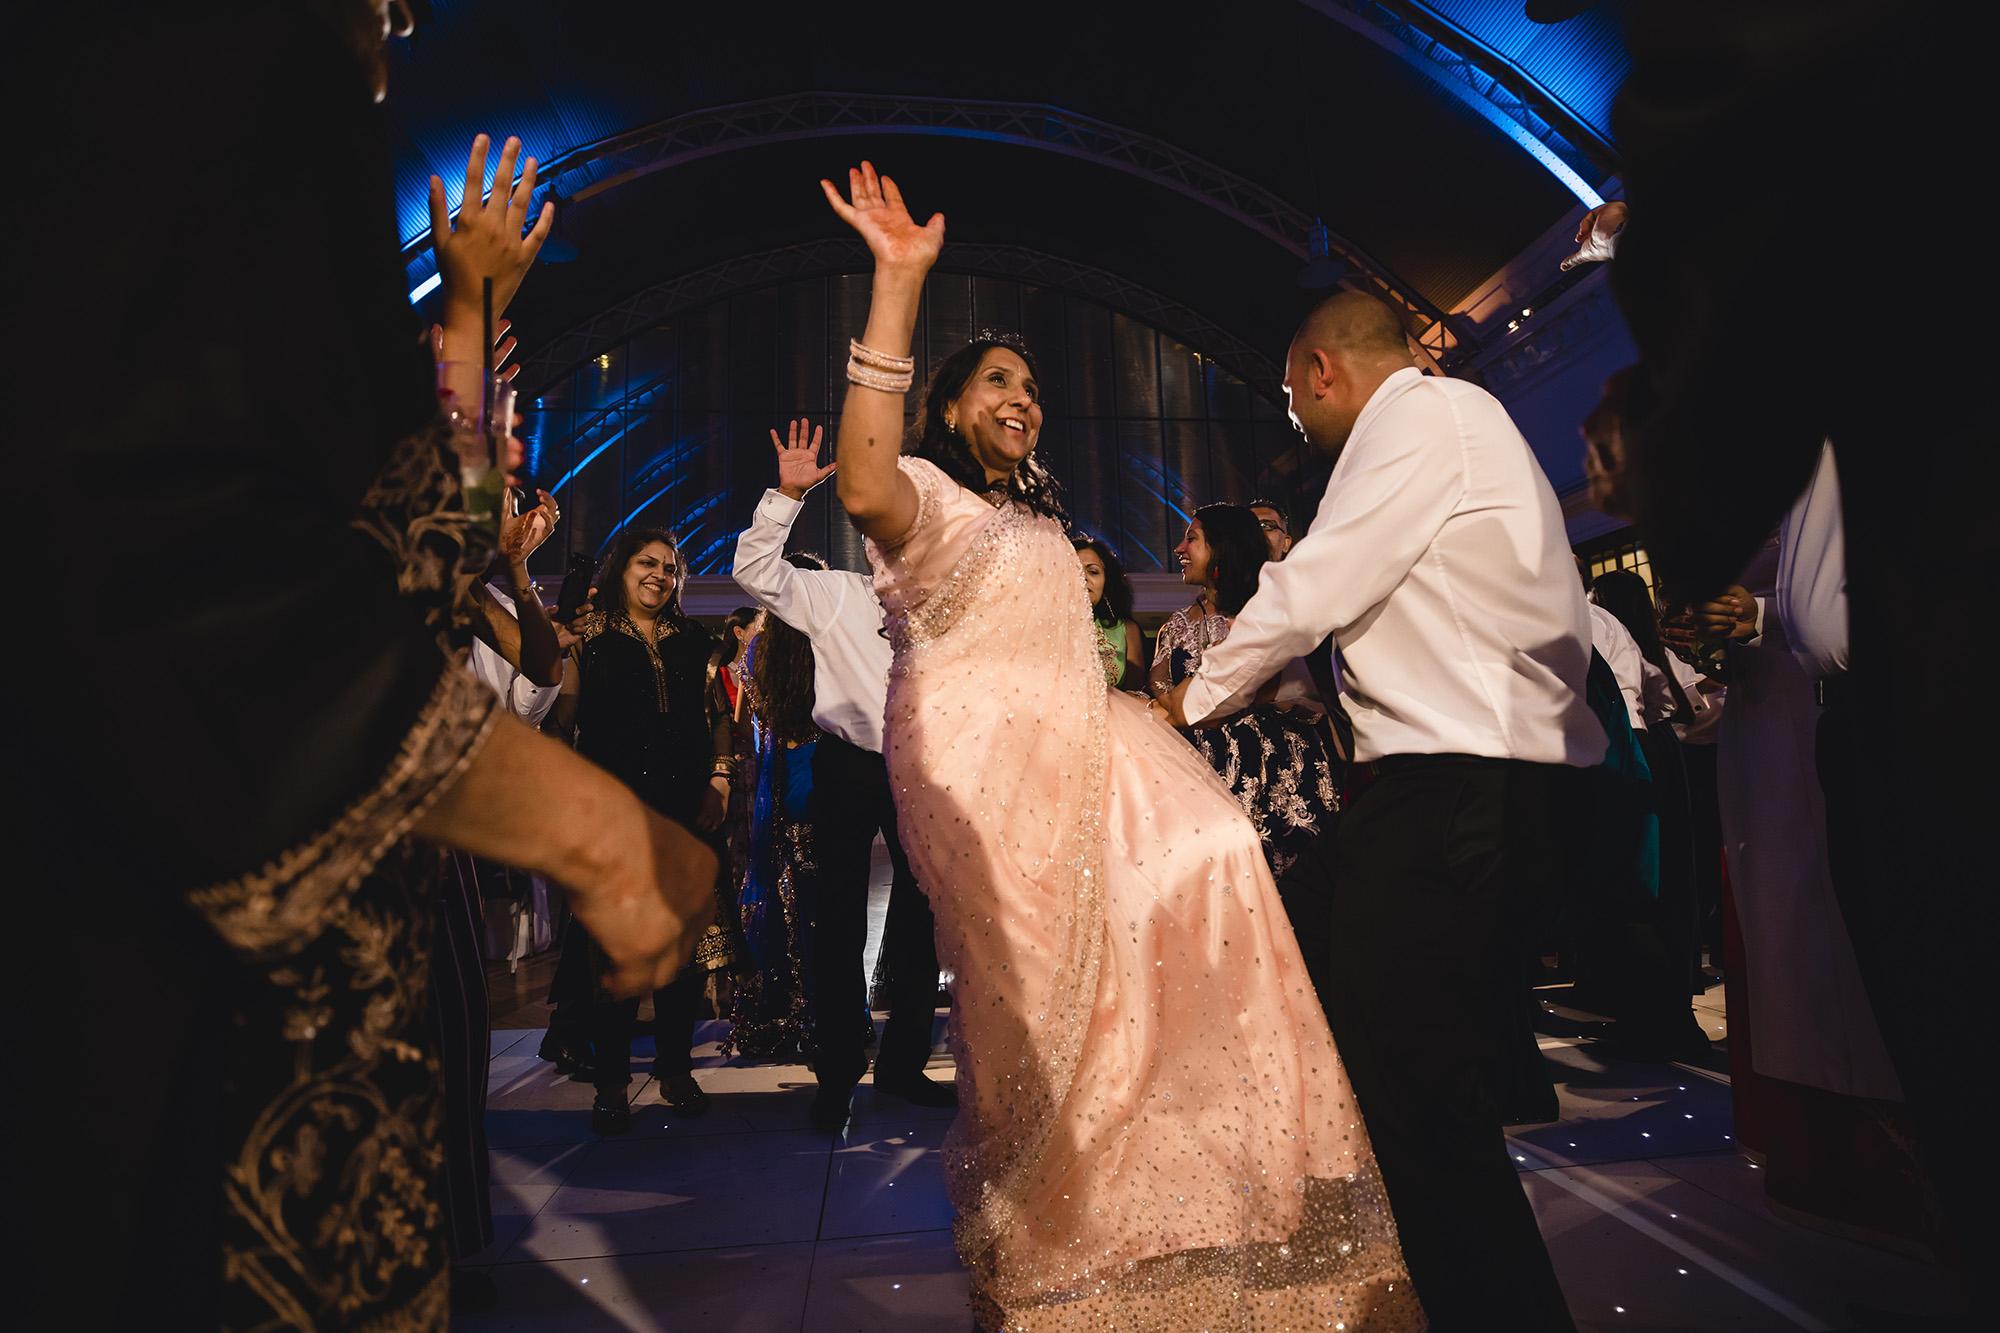 parents dancing on the dancefloor